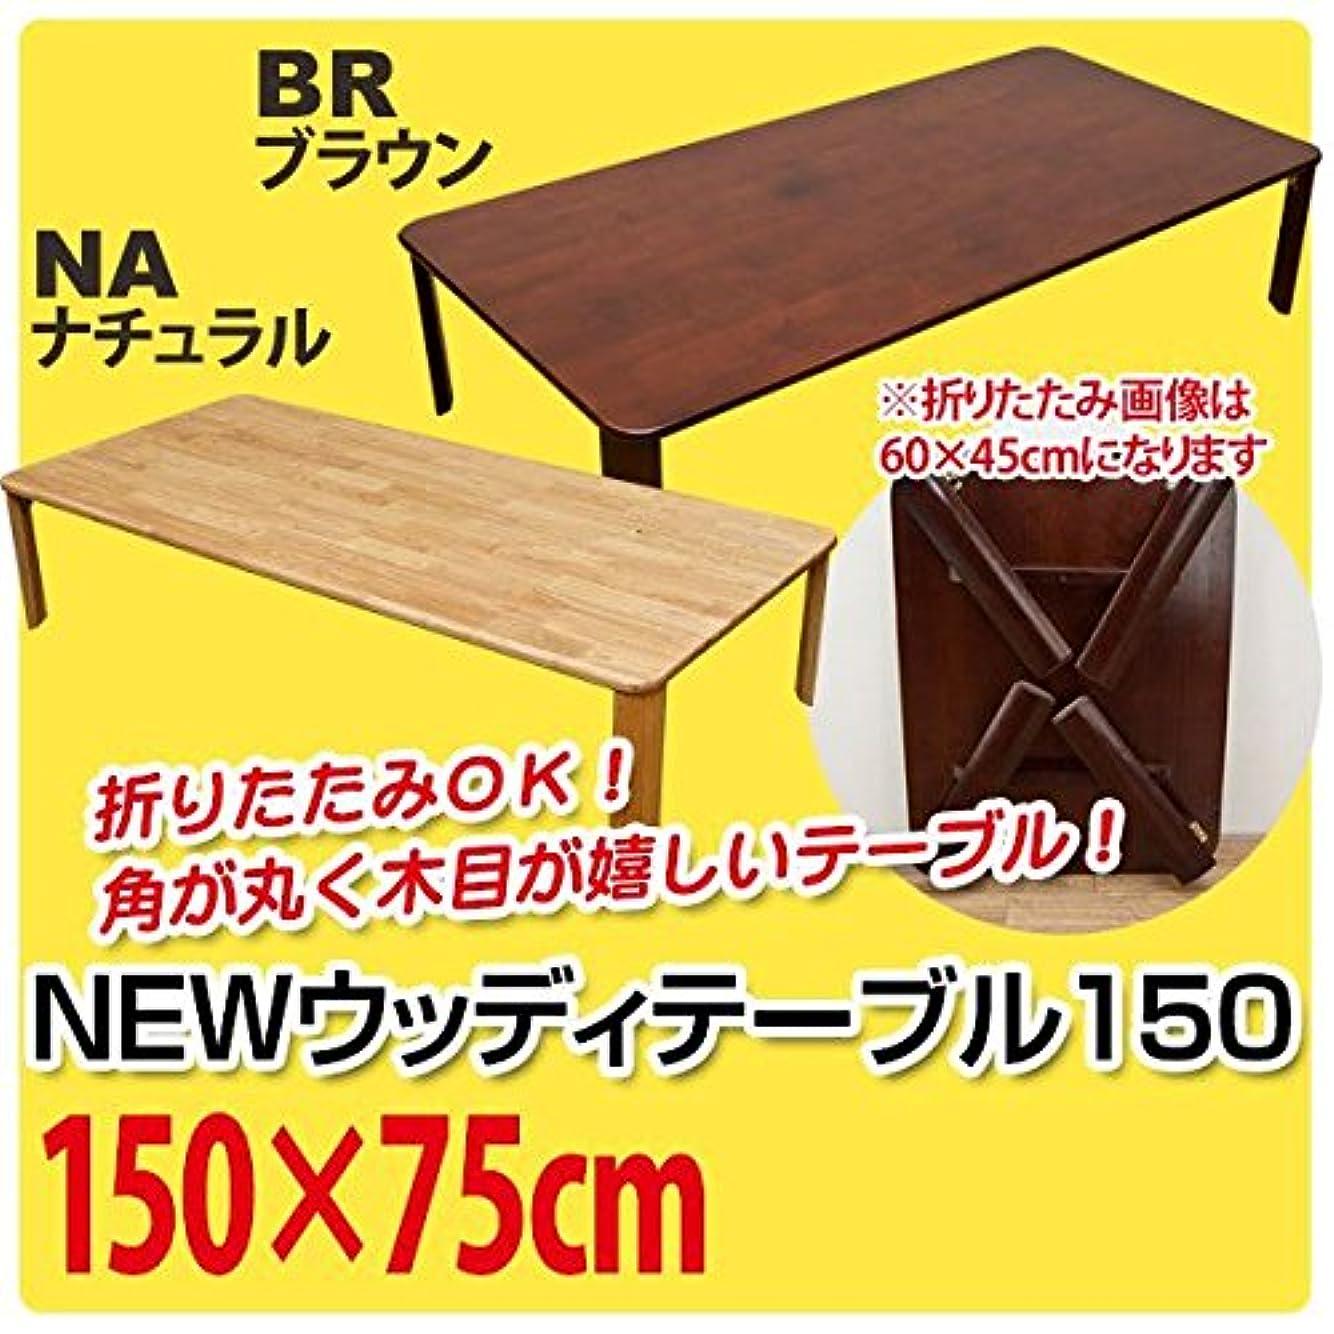 全く騒乱放棄するWZ-1500NA(4.6)NEWウッディーテーブル 150 ナチュラル